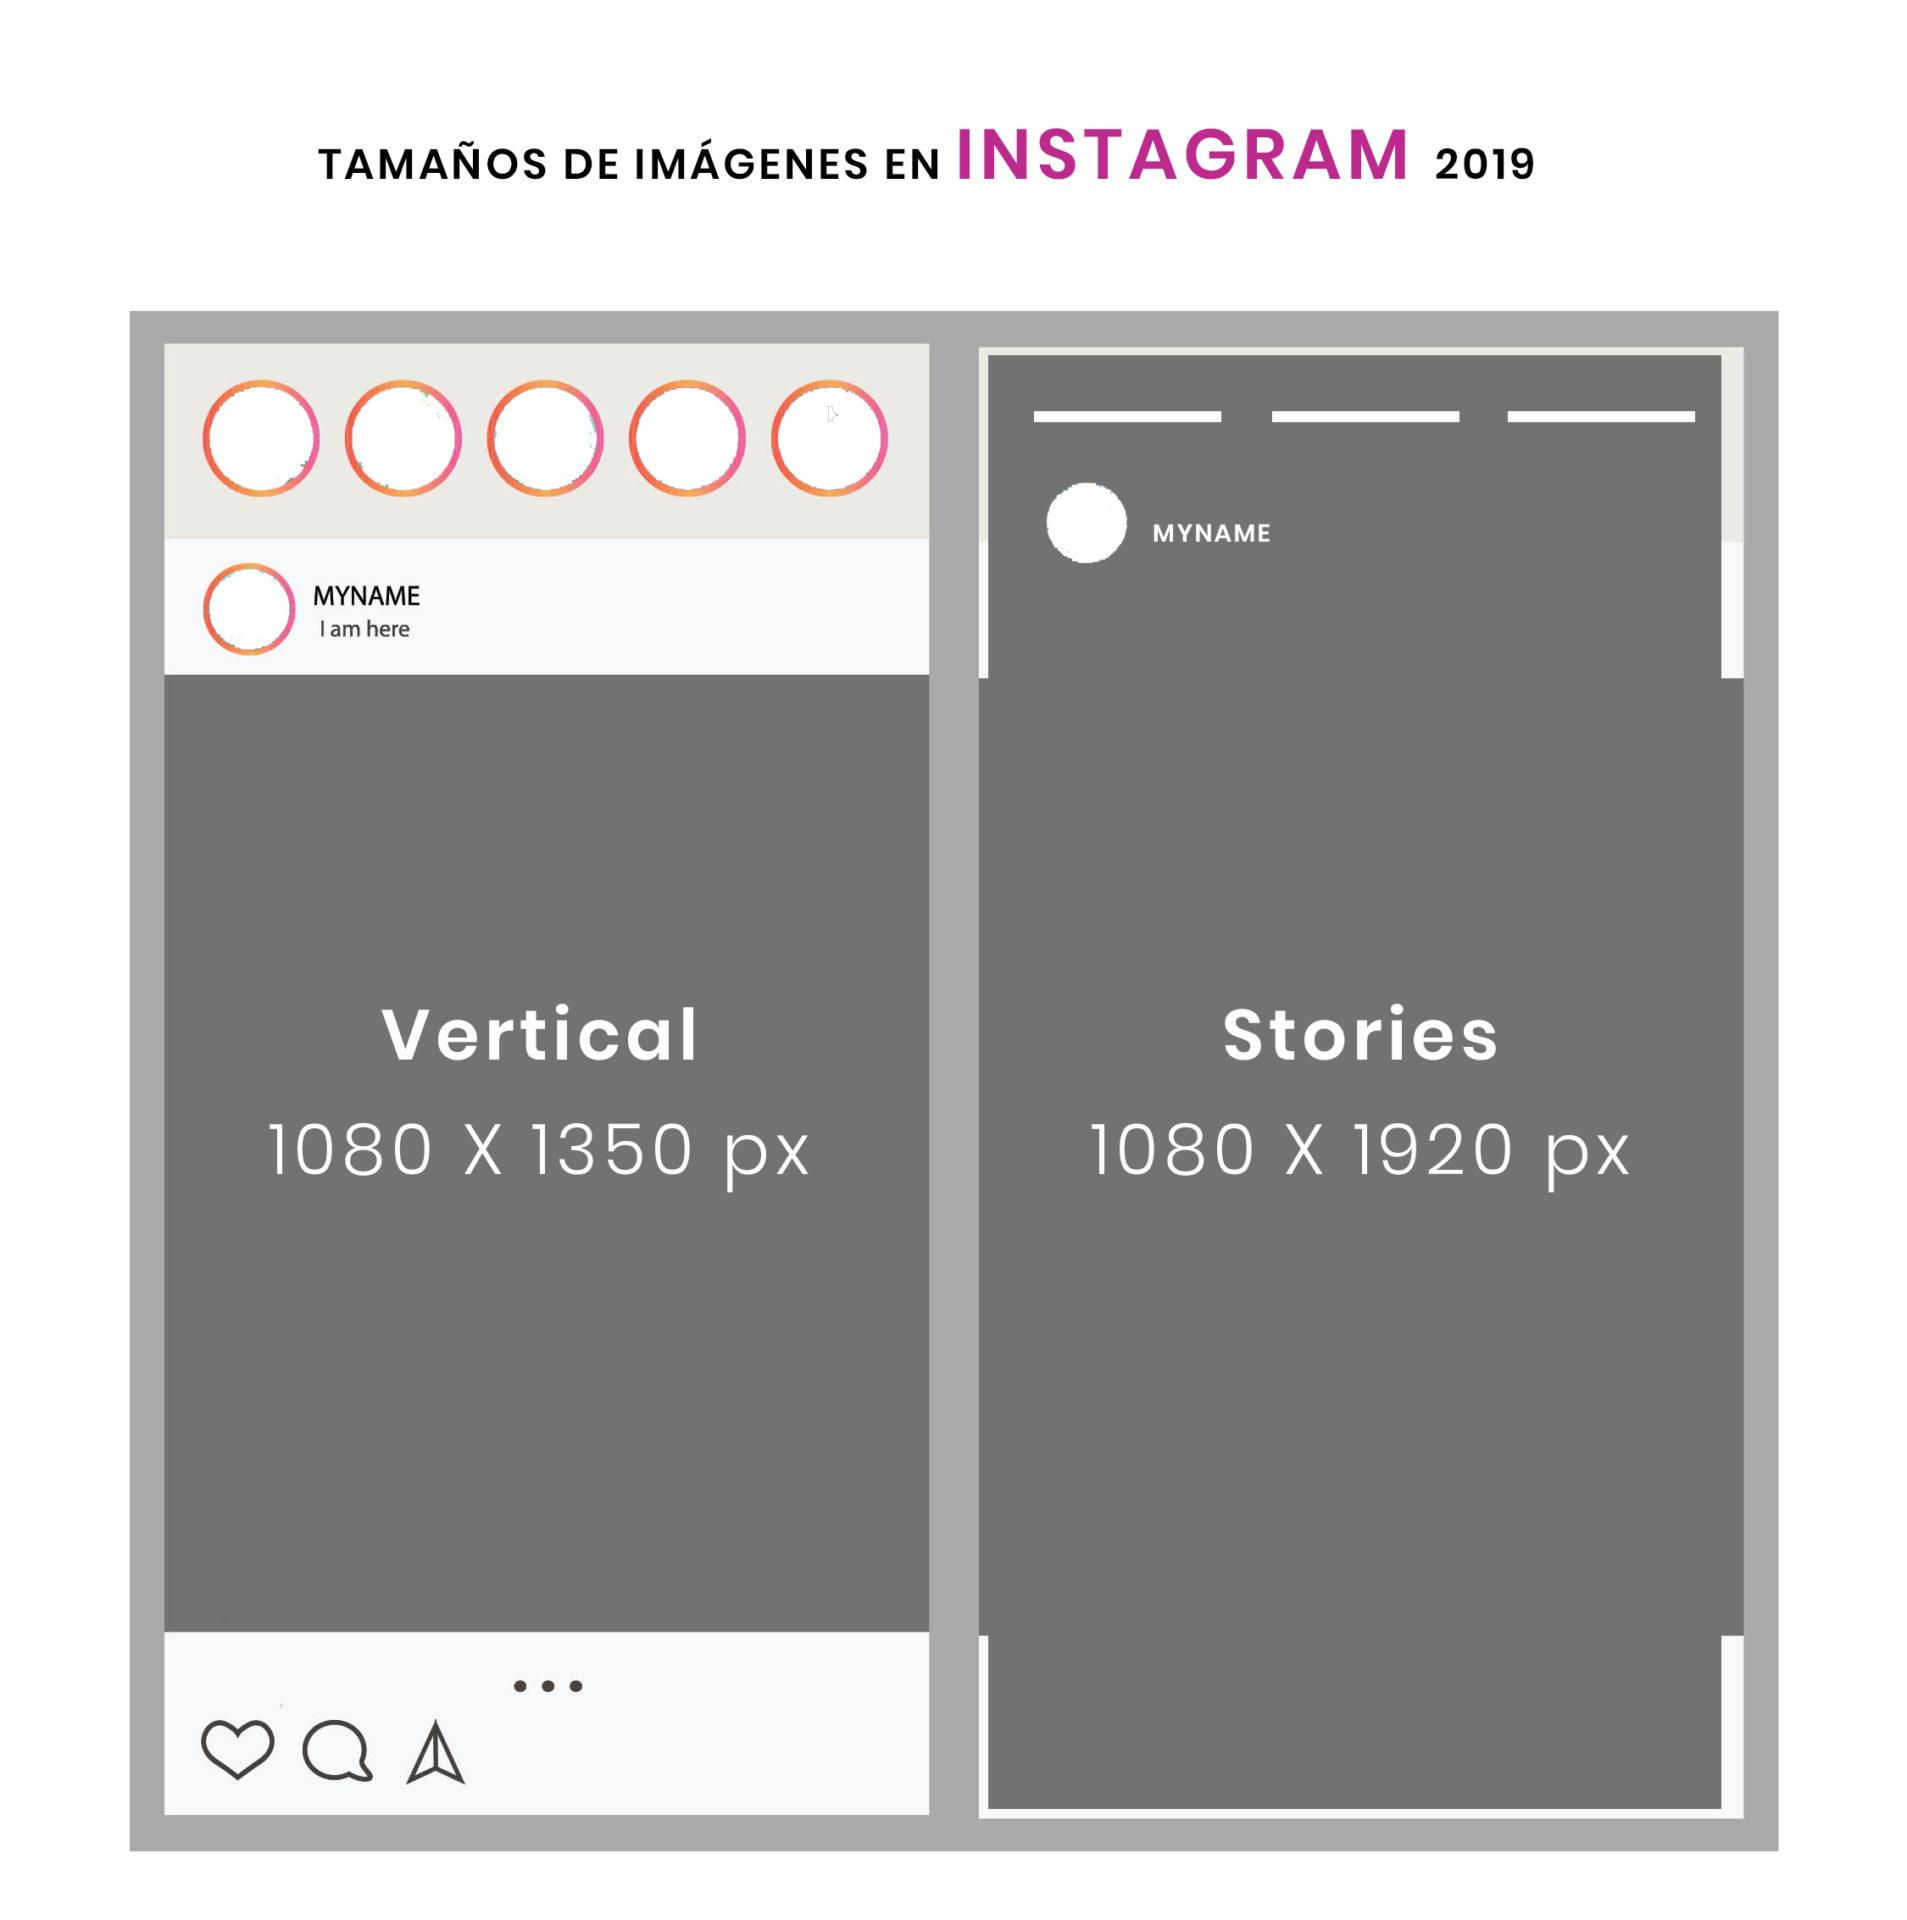 Tamaño de imagenes en Instagram 2019